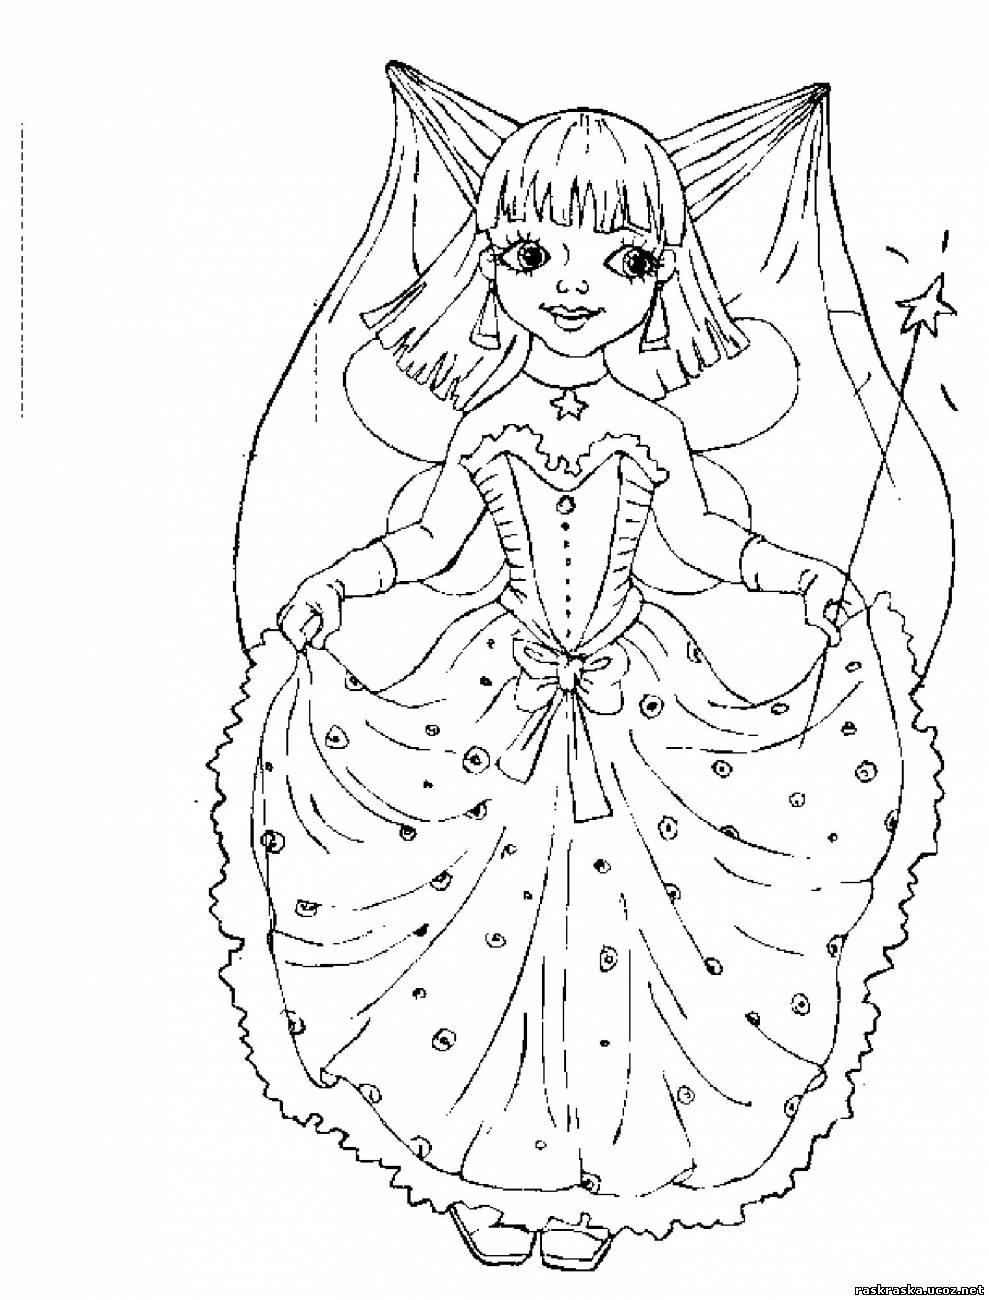 Fei 03 - Невесты, феи, принцессы и девушки - Разукрашки и ...